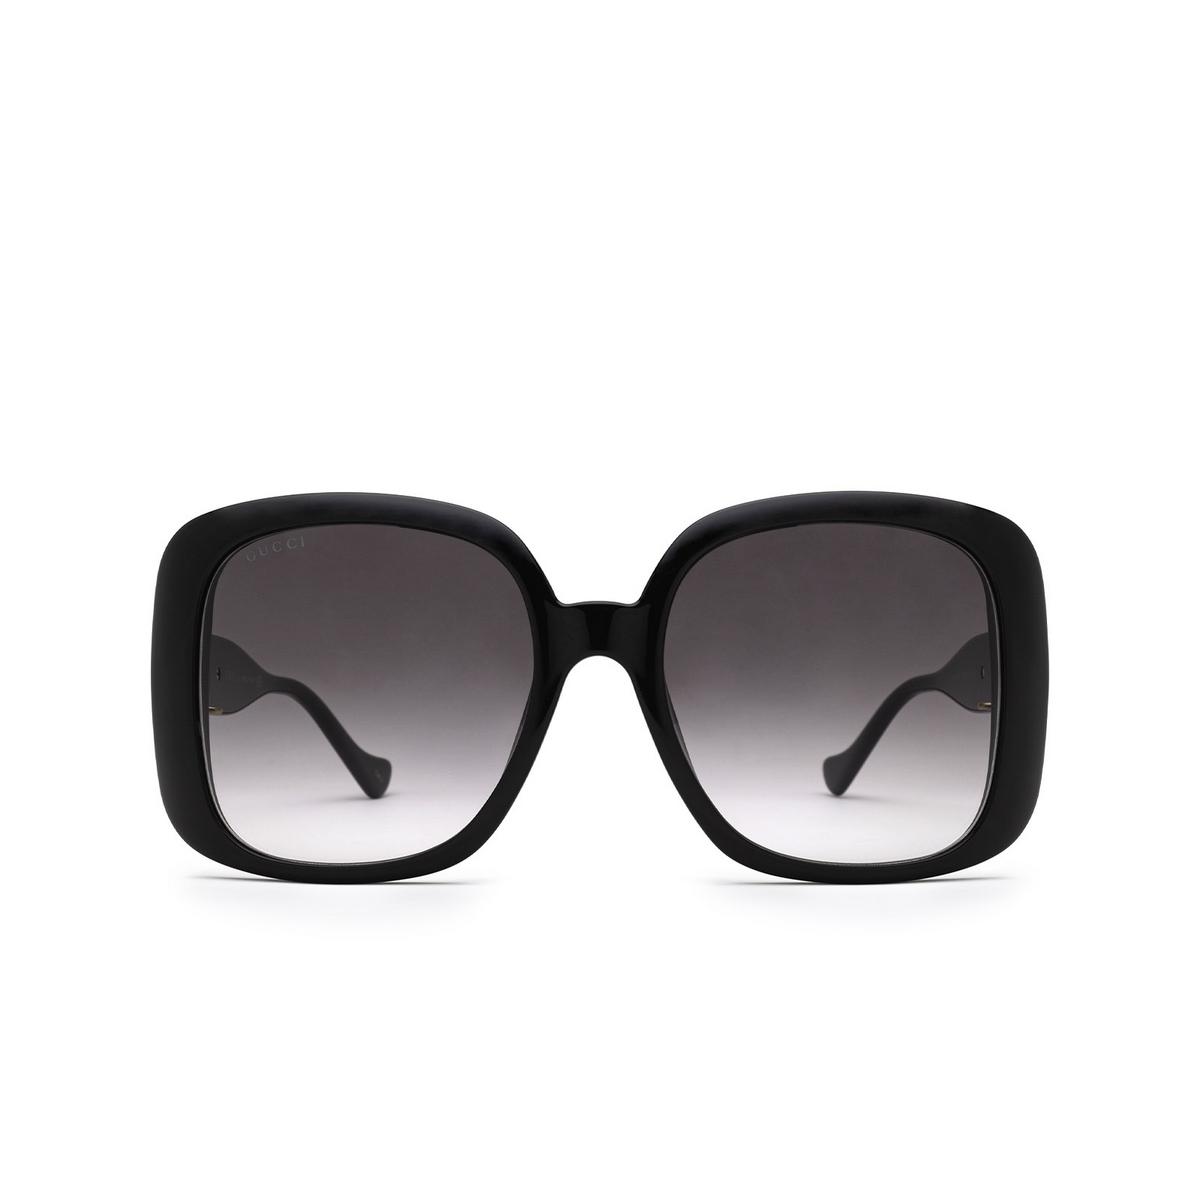 Gucci® Square Sunglasses: GG1029SA color Black 001 - front view.